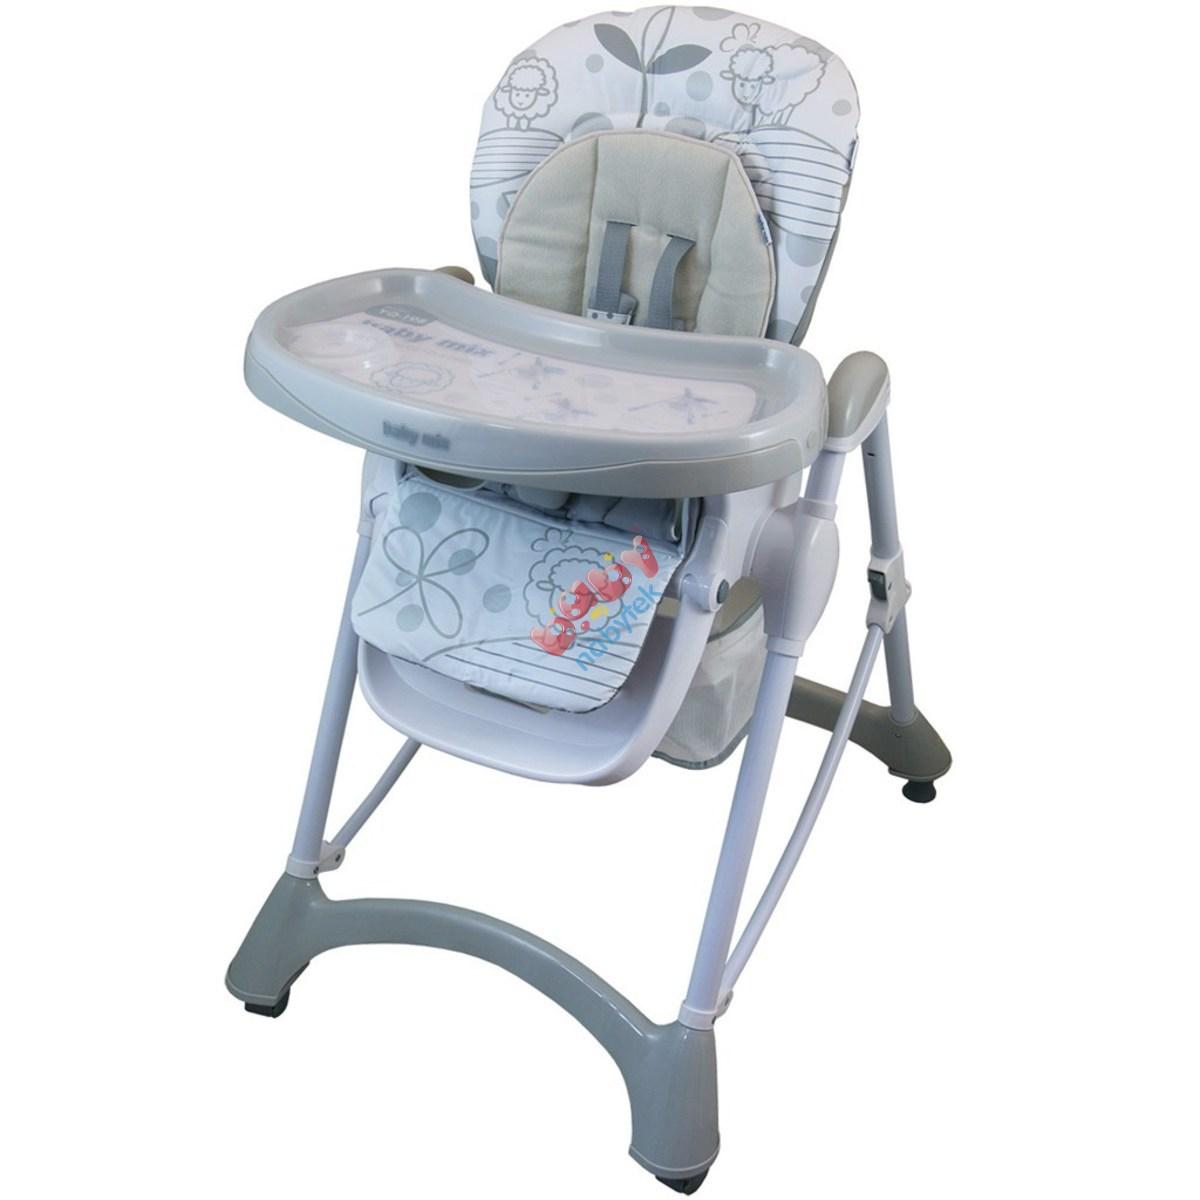 564ae769ec54 Jedálenská stolička Baby Mix light grey Sivá - Jedálenské stoličky ...